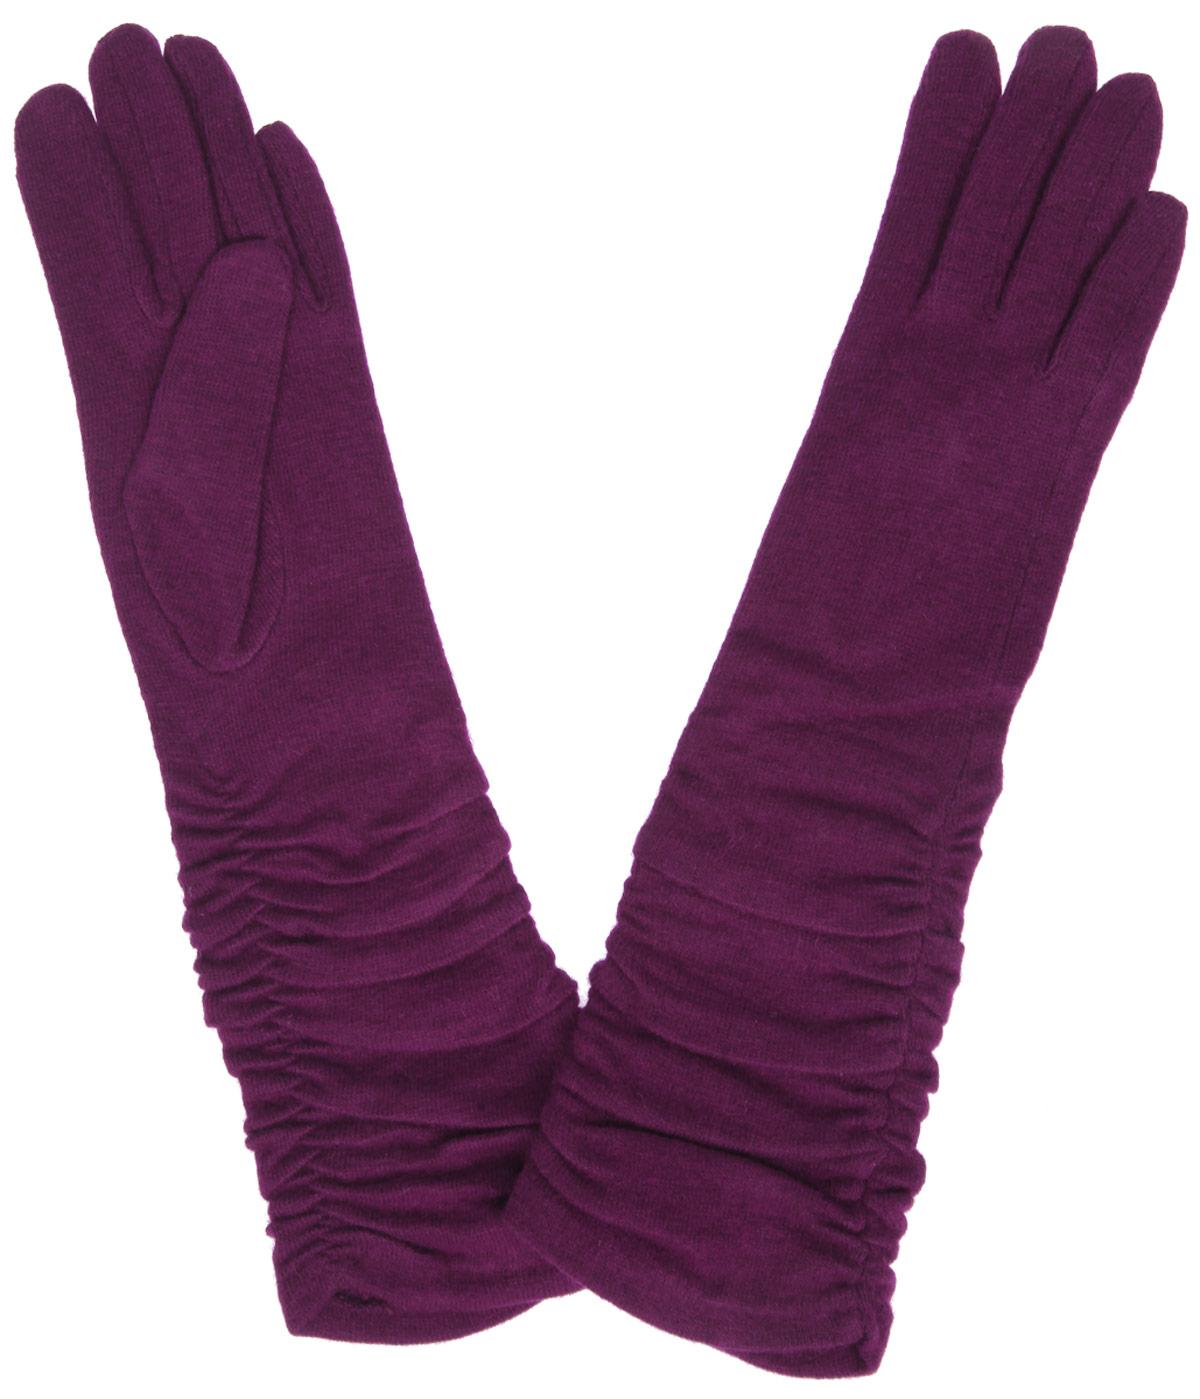 Перчатки женские Labbra, цвет: бордовый. LB-PH-97L. Размер S (6,5)LB-PH-97LДлинные женские перчатки Labbra не только защитят ваши руки от холода, но и станут стильным украшением. Перчатки выполнены из шерсти с добавлением акрила и ангоры. Они максимально сохраняют тепло, мягкие, идеально сидят на руке и хорошо тянутся. По бокам модель присборена на эластичные резинки.Перчатки являются неотъемлемой принадлежностью одежды, они станут завершающим и подчеркивающим элементом вашего неповторимого стиля и индивидуальности.